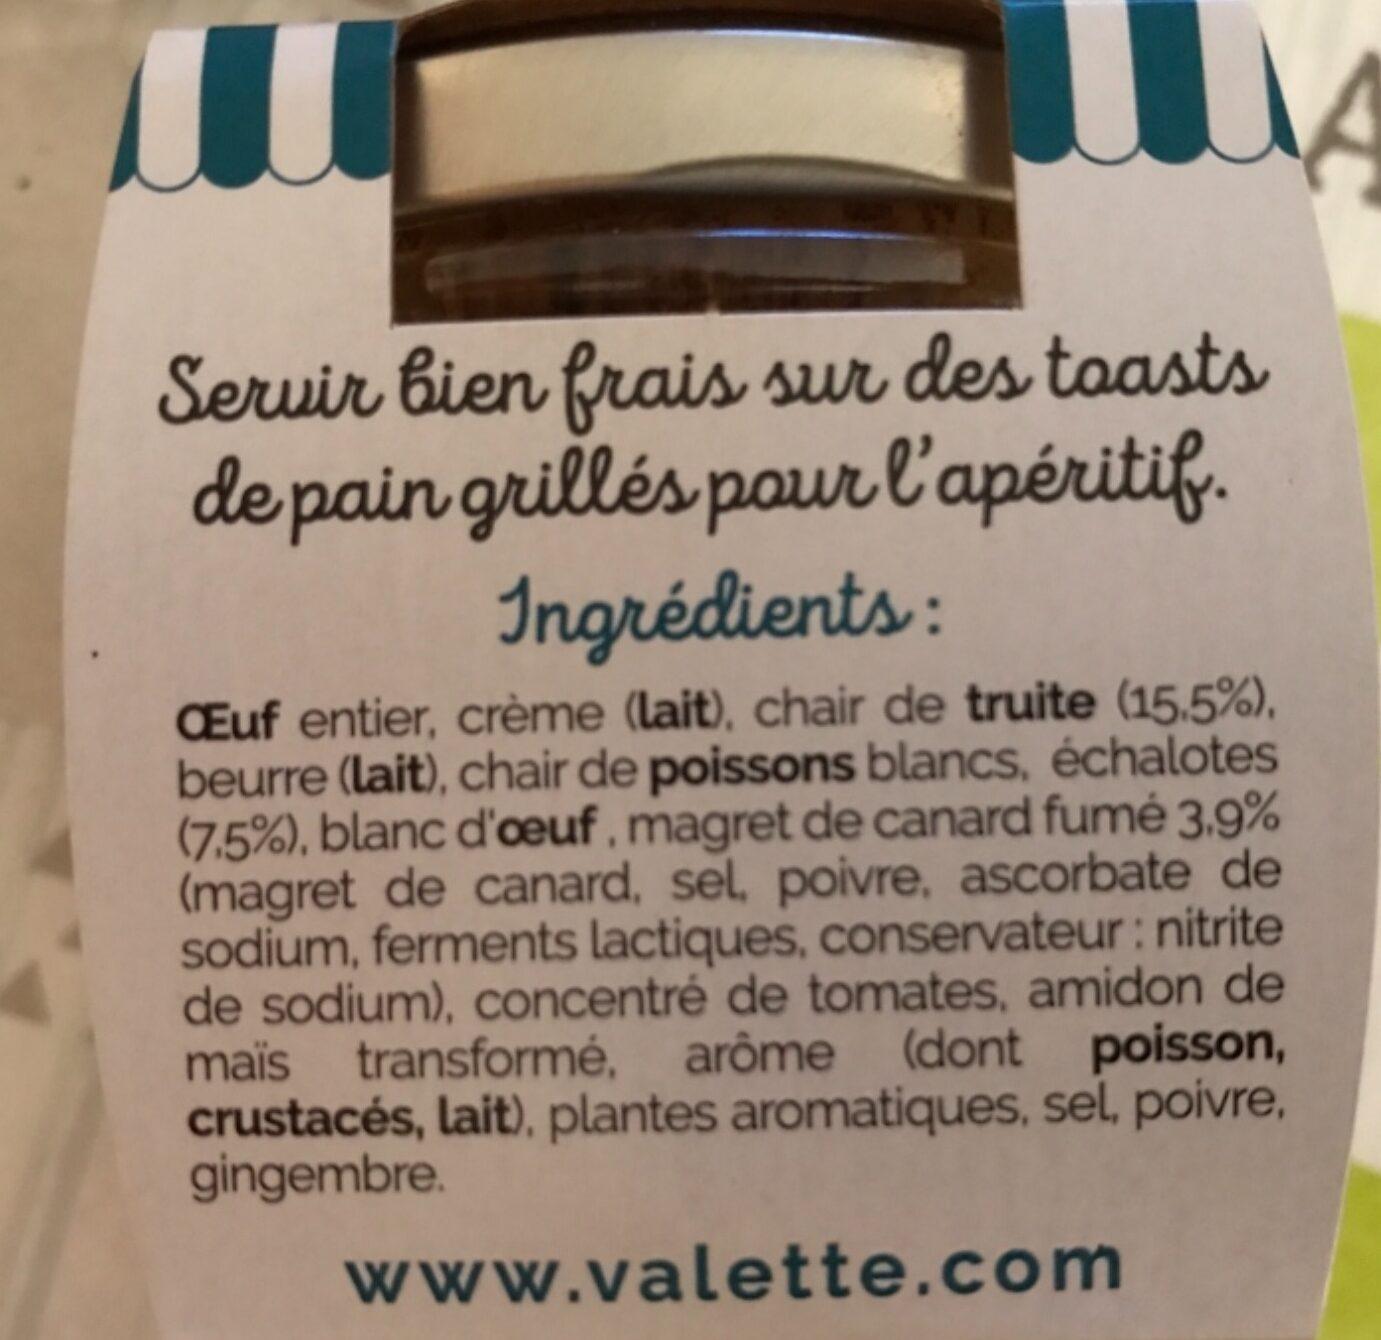 L'en-cas de truite au magret de canard - Ingredienti - fr